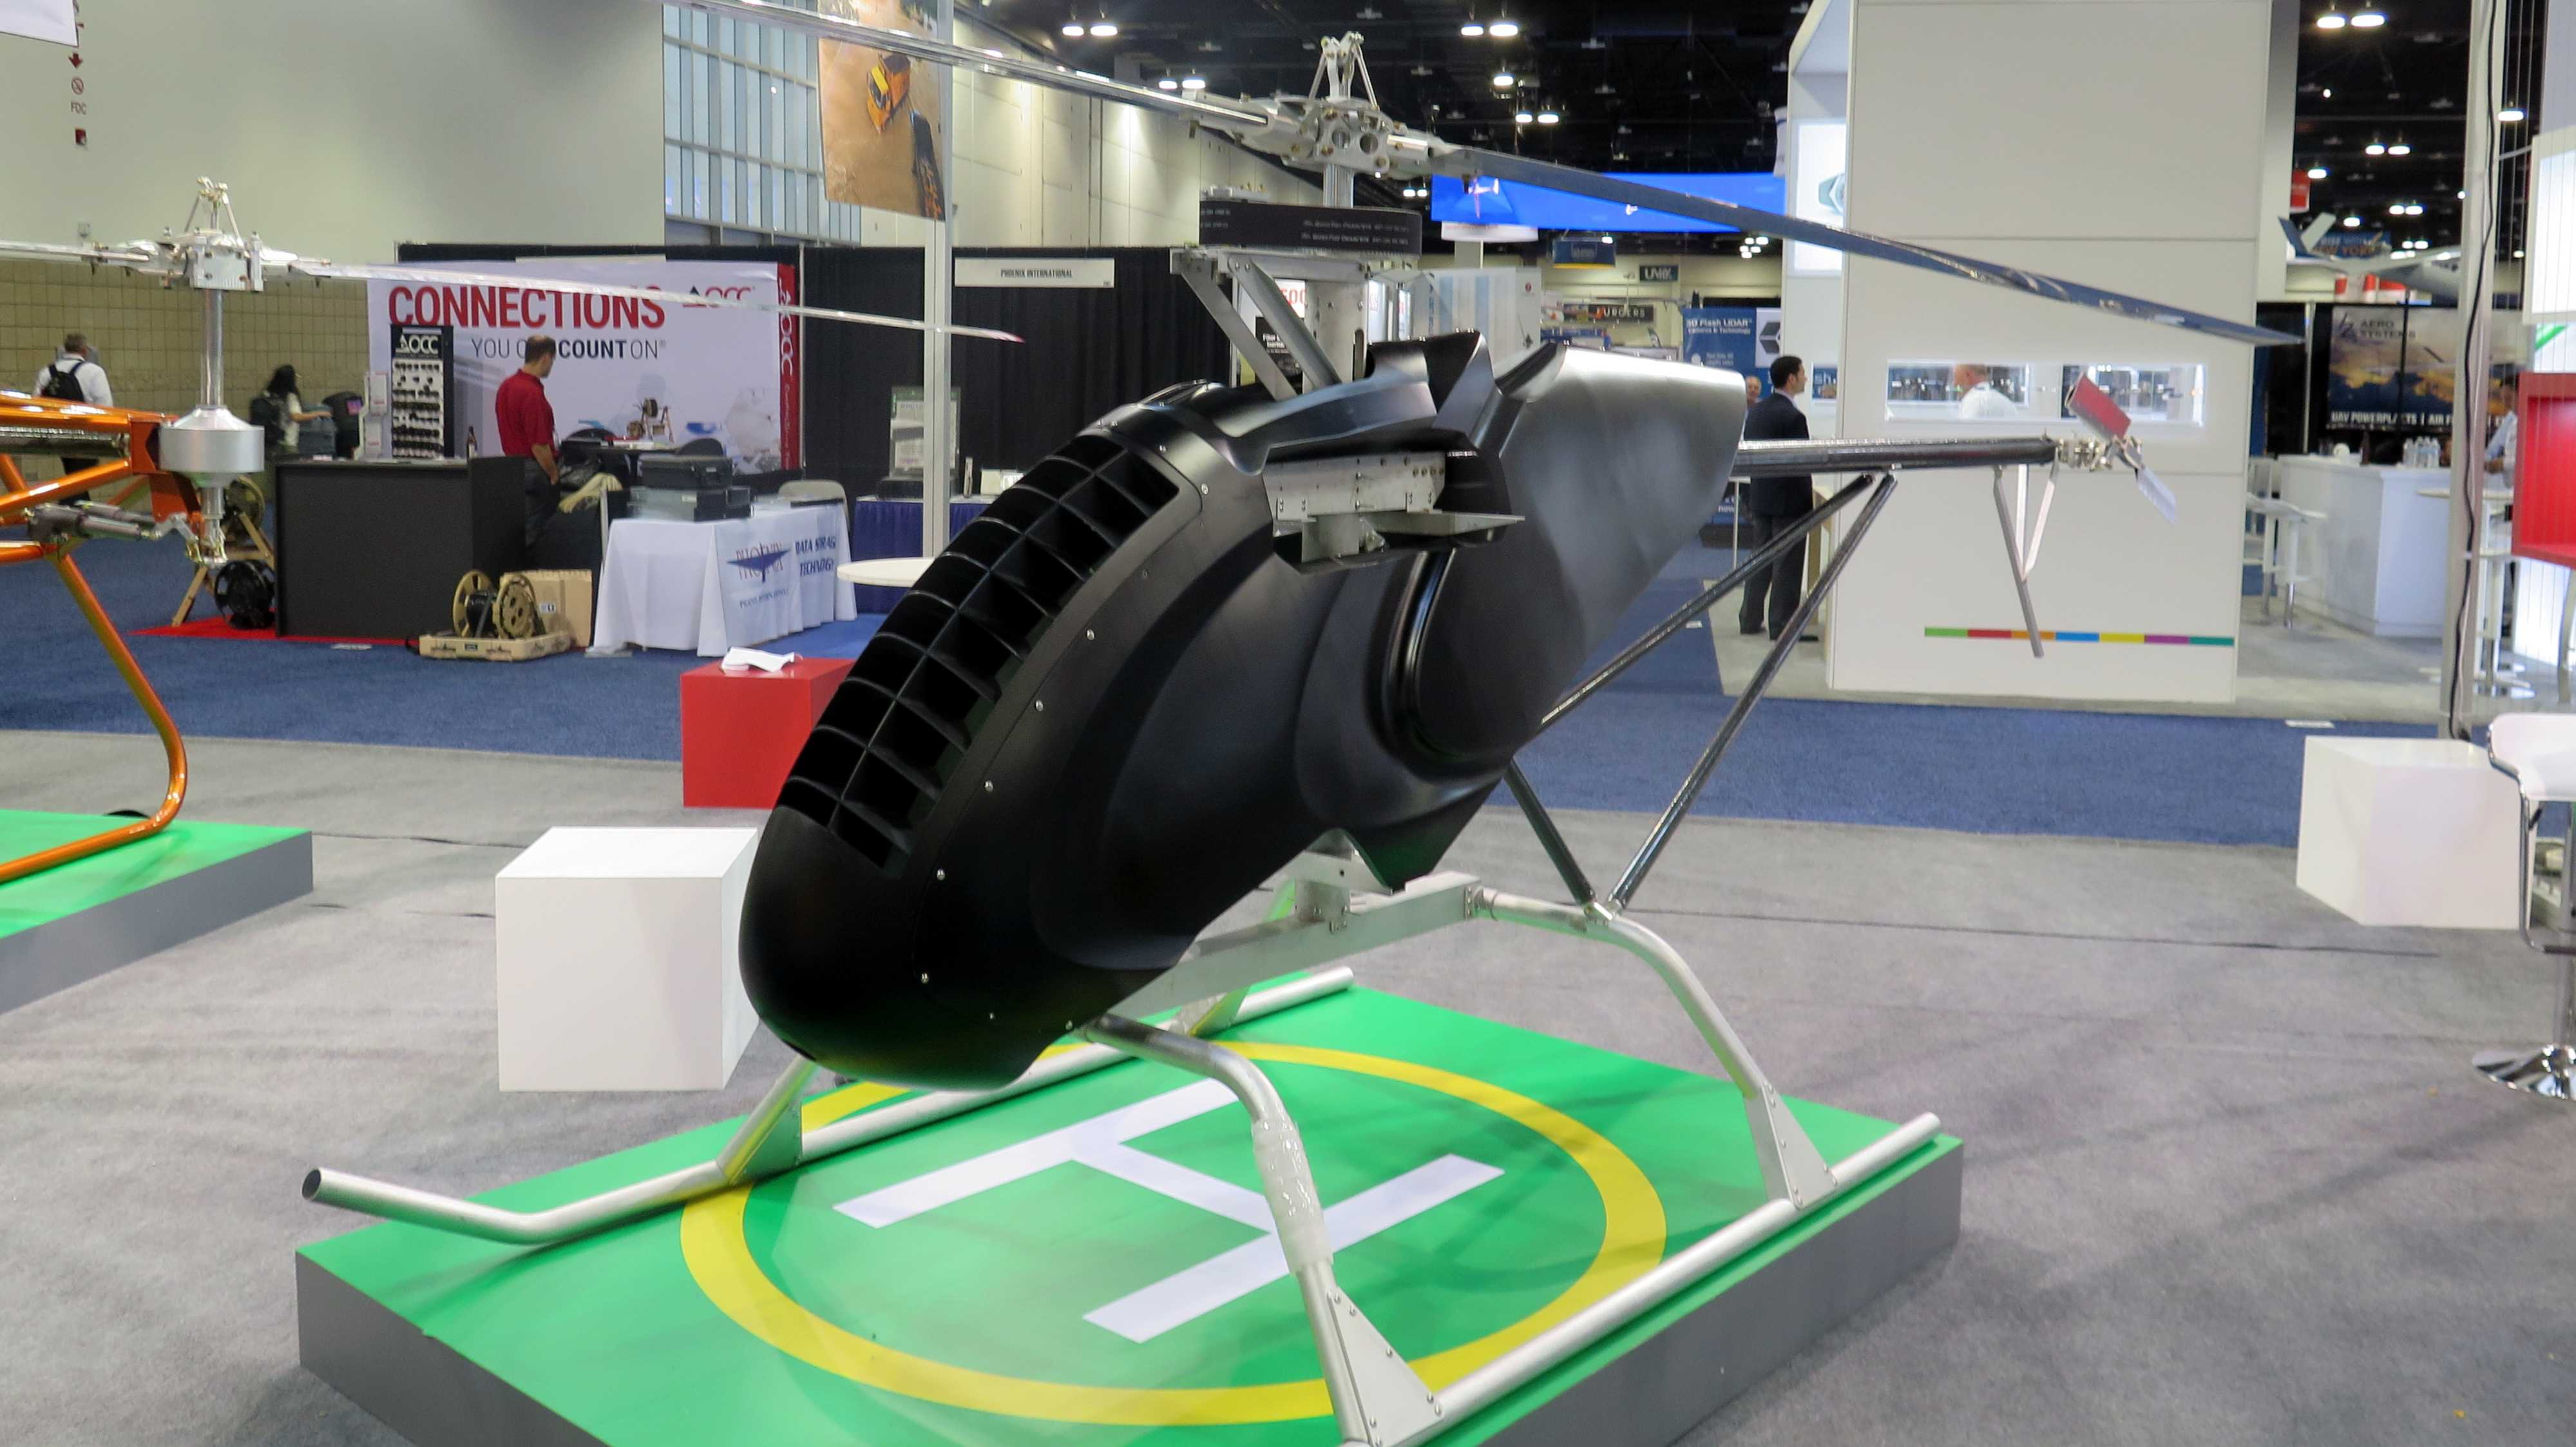 schwarze Drohne in Form eines Helikopters